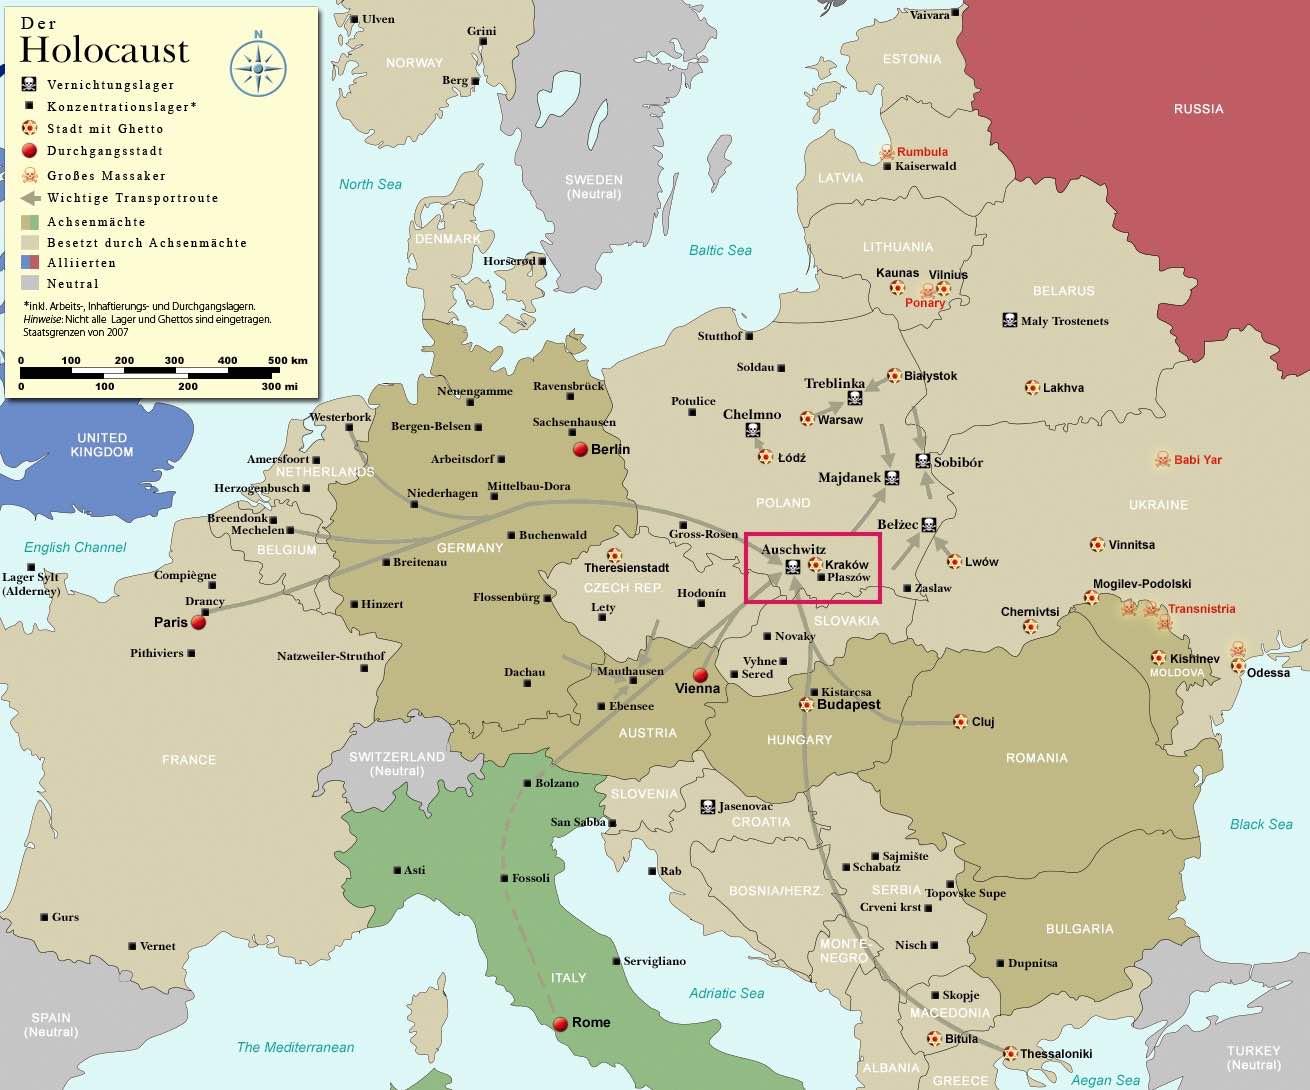 [波蘭/奧斯威辛] 死亡工廠 納粹遺址 - 奧斯威辛集中營 Auschwitz Concentration Camp